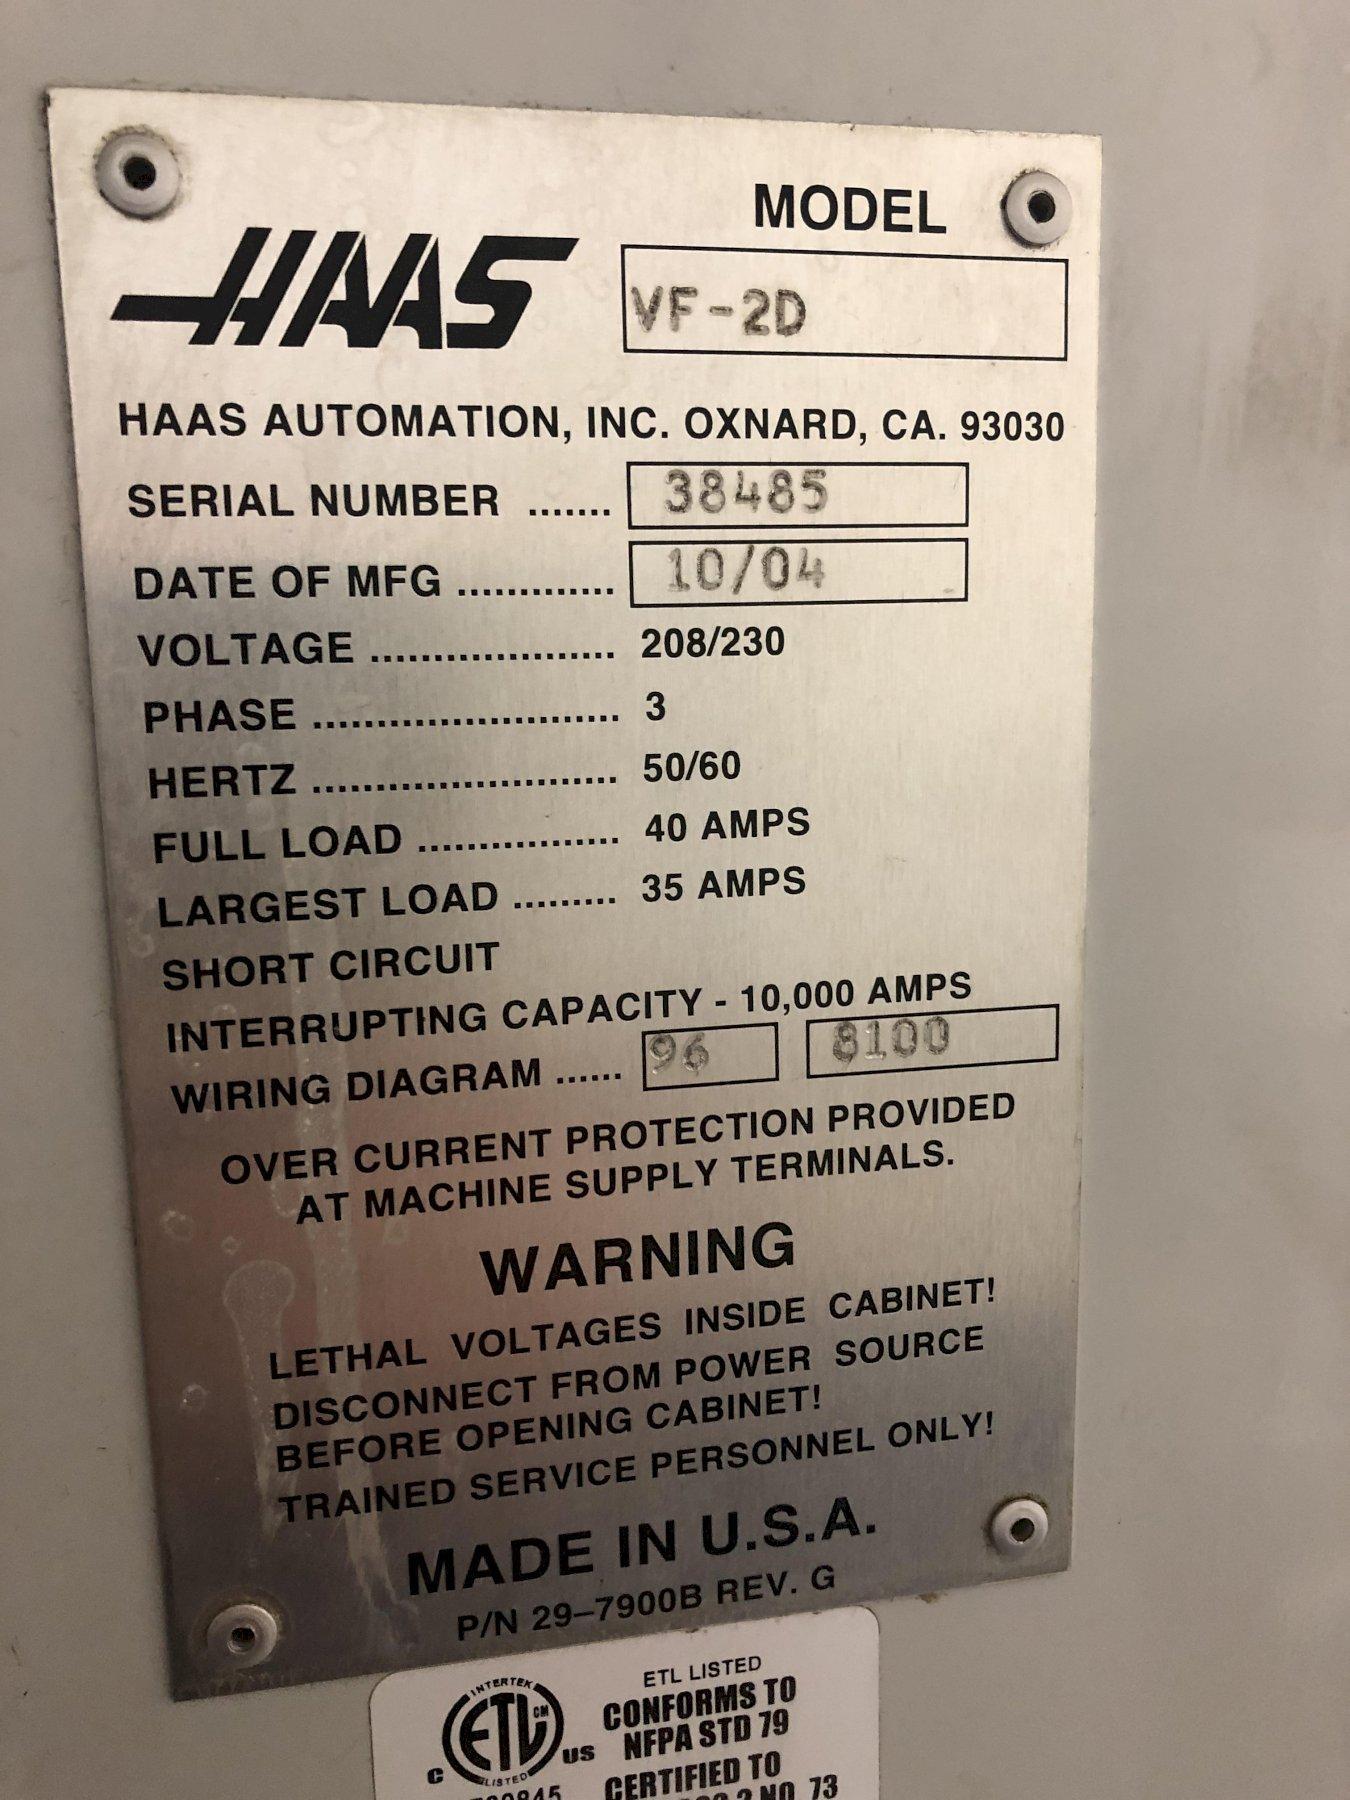 2004 Haas VF-2D - CNC Vertical Machining Center